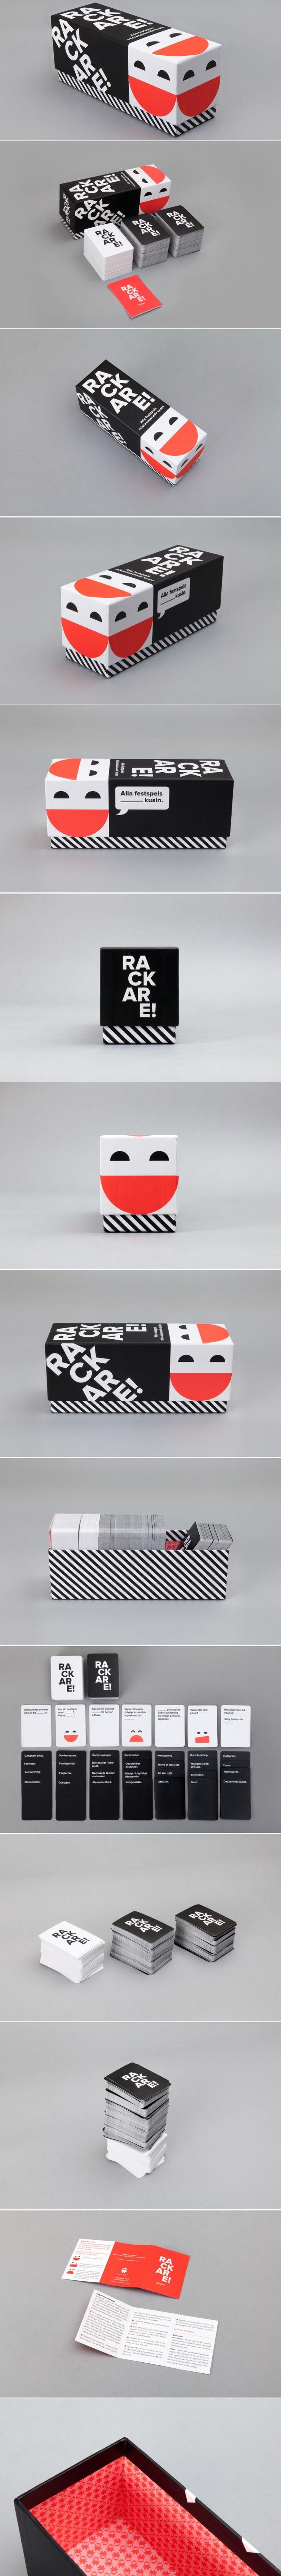 Rackare! — The Dieline - Branding & Packaging Design